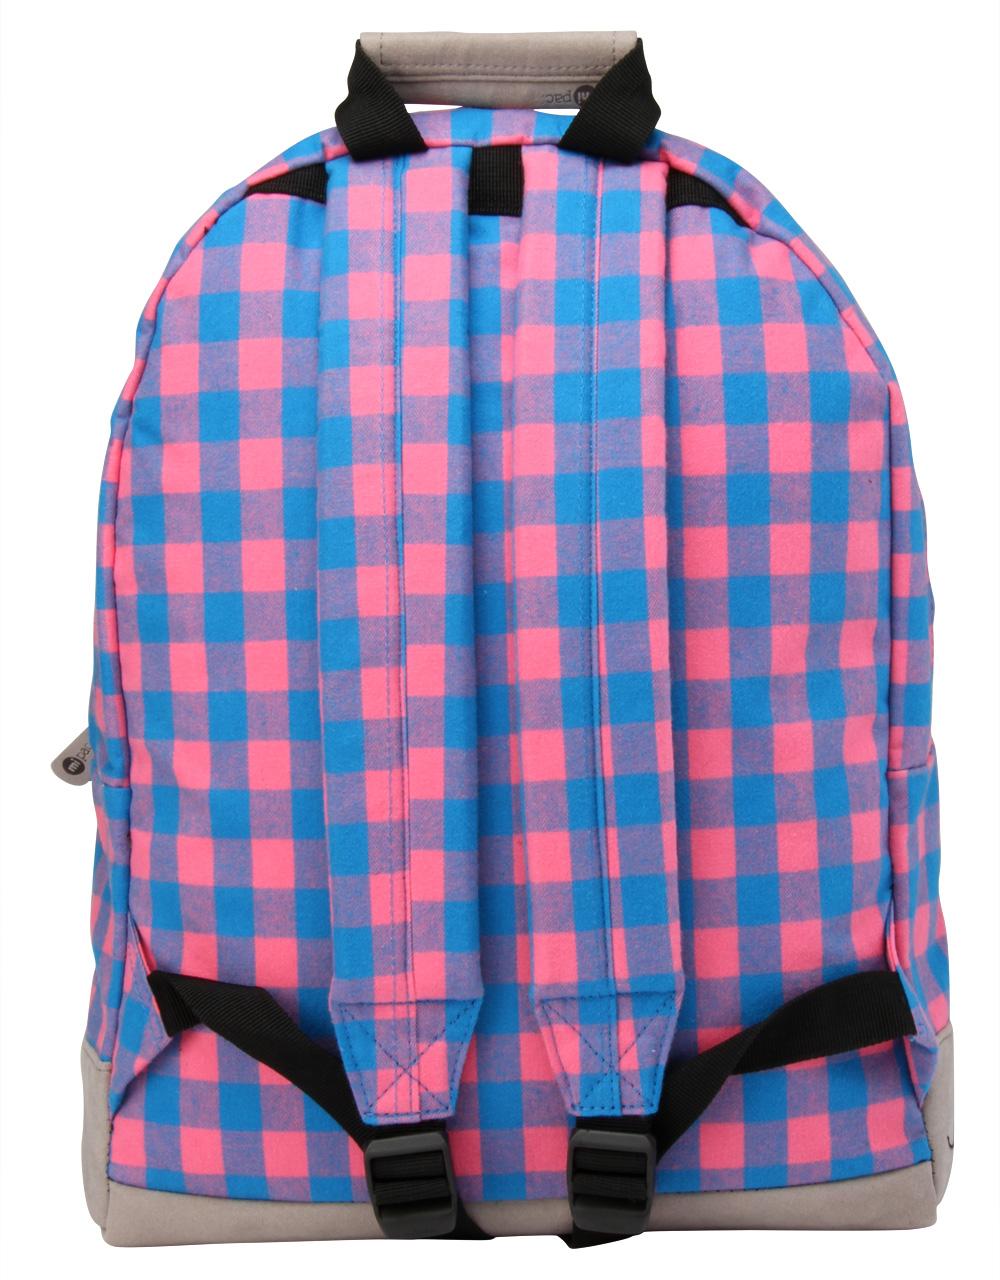 78aa4b2ed64a Mi-Pac Gingham Pink/Blue Kék Női Hátizsák